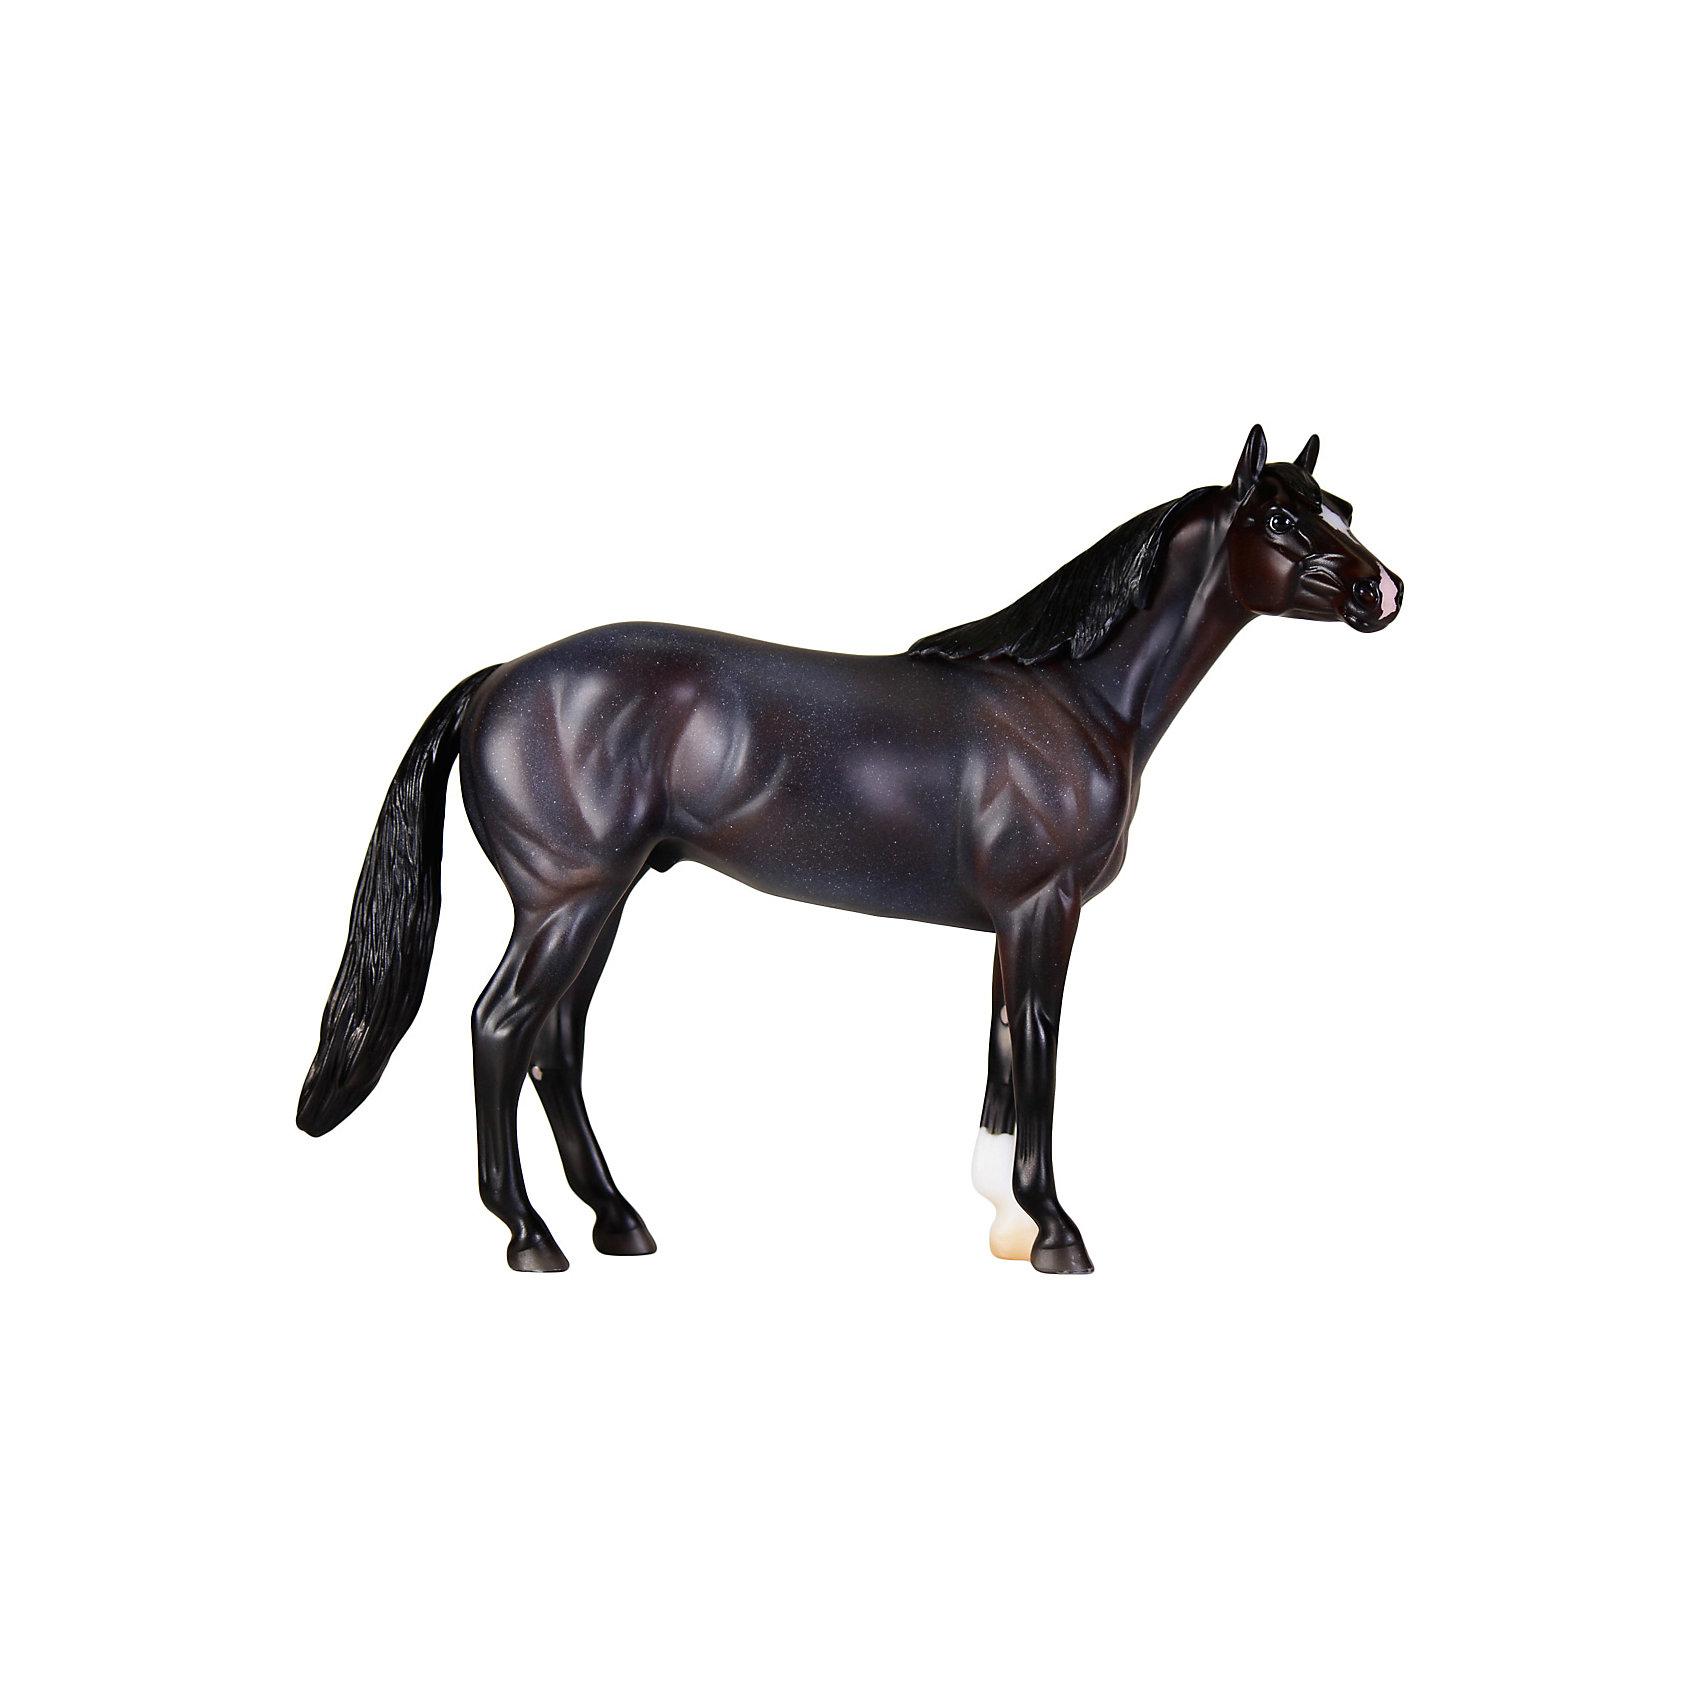 Лошадь Квотерхорс, гнедо-чалый, Breyer